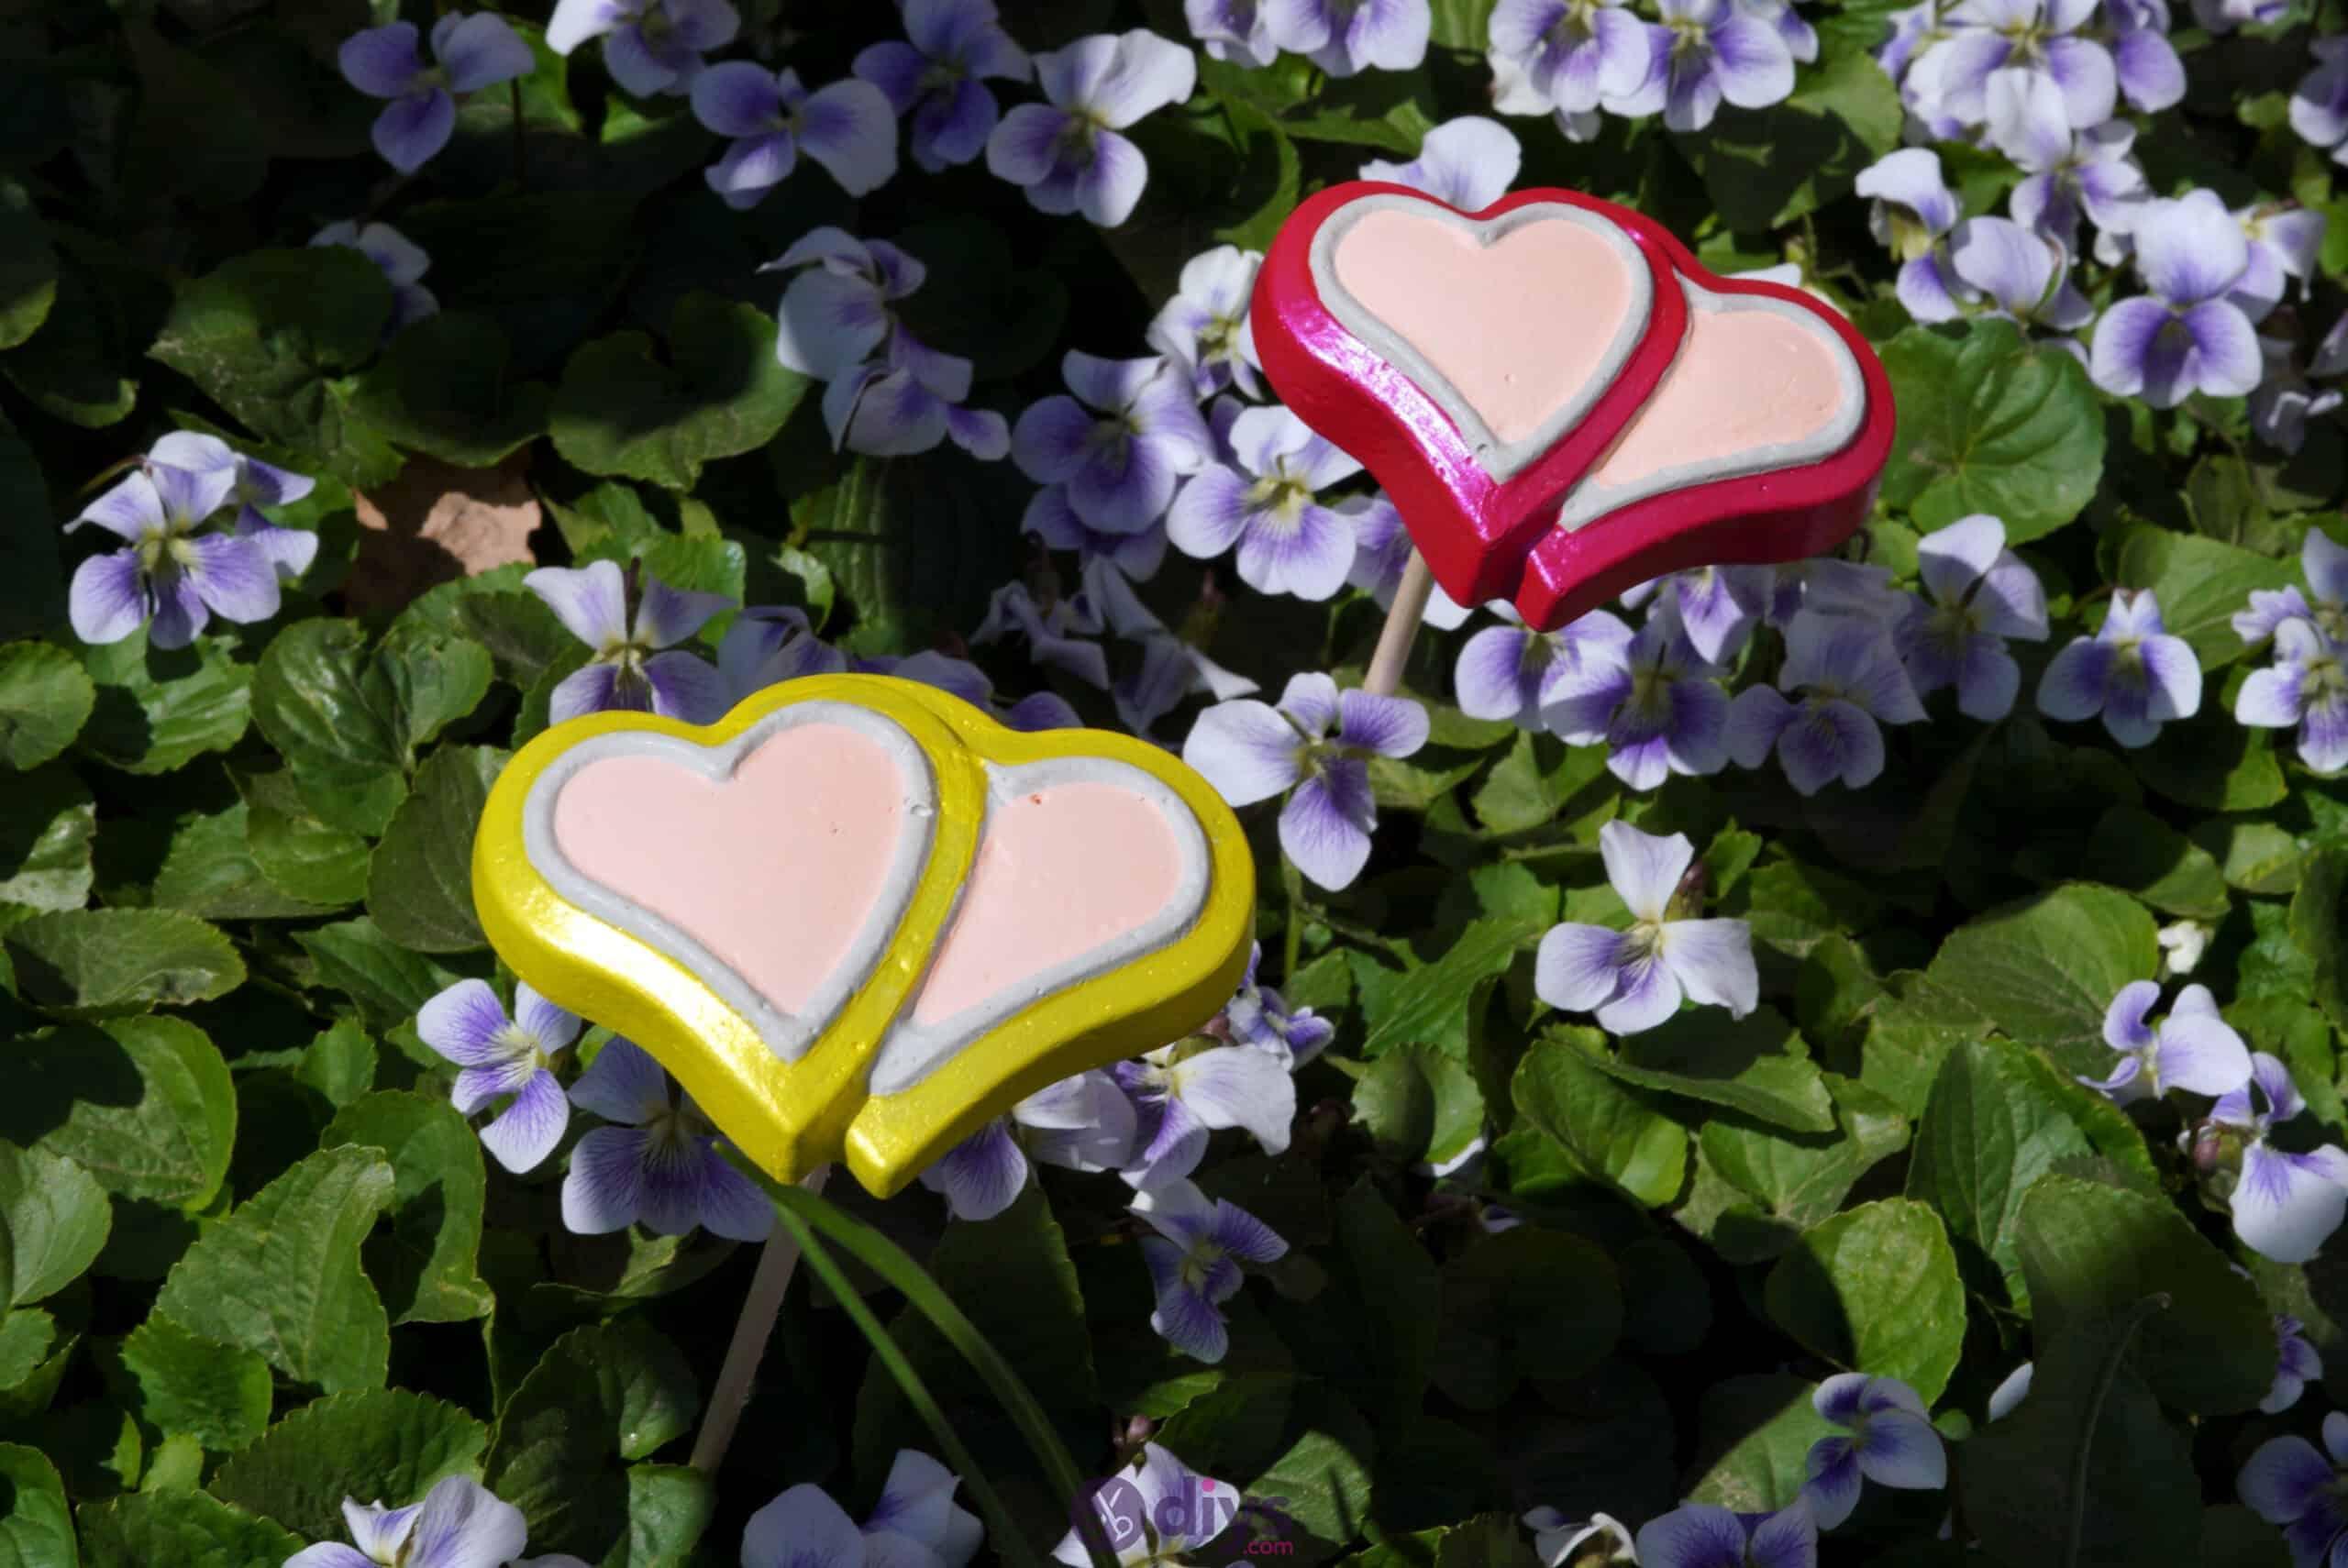 Concrete heart garden decor diy